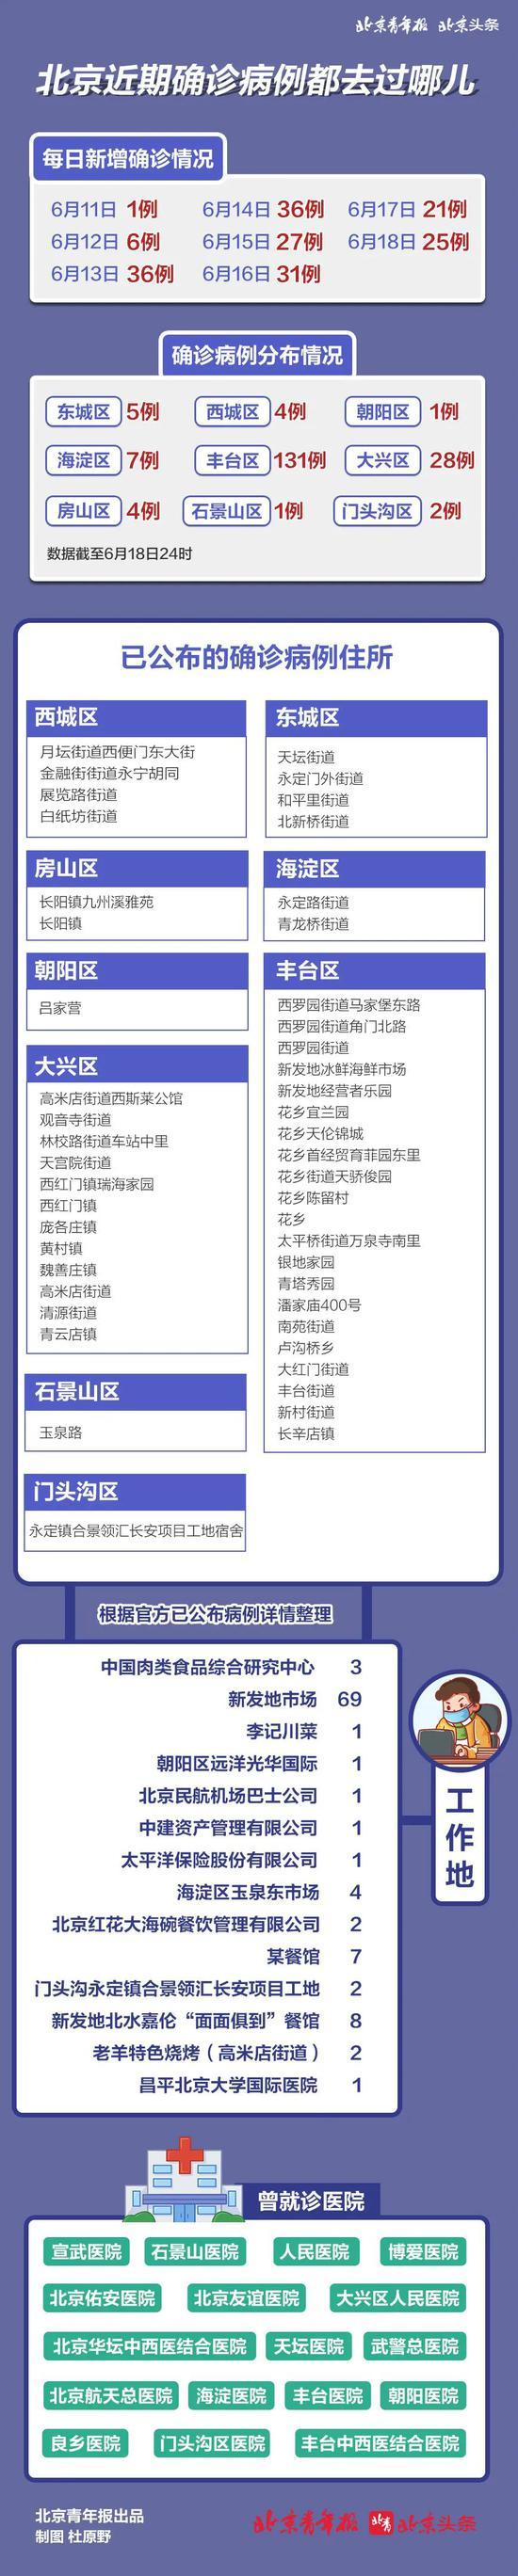 北京已公布详情的127例去过哪些地方?一图看懂图片